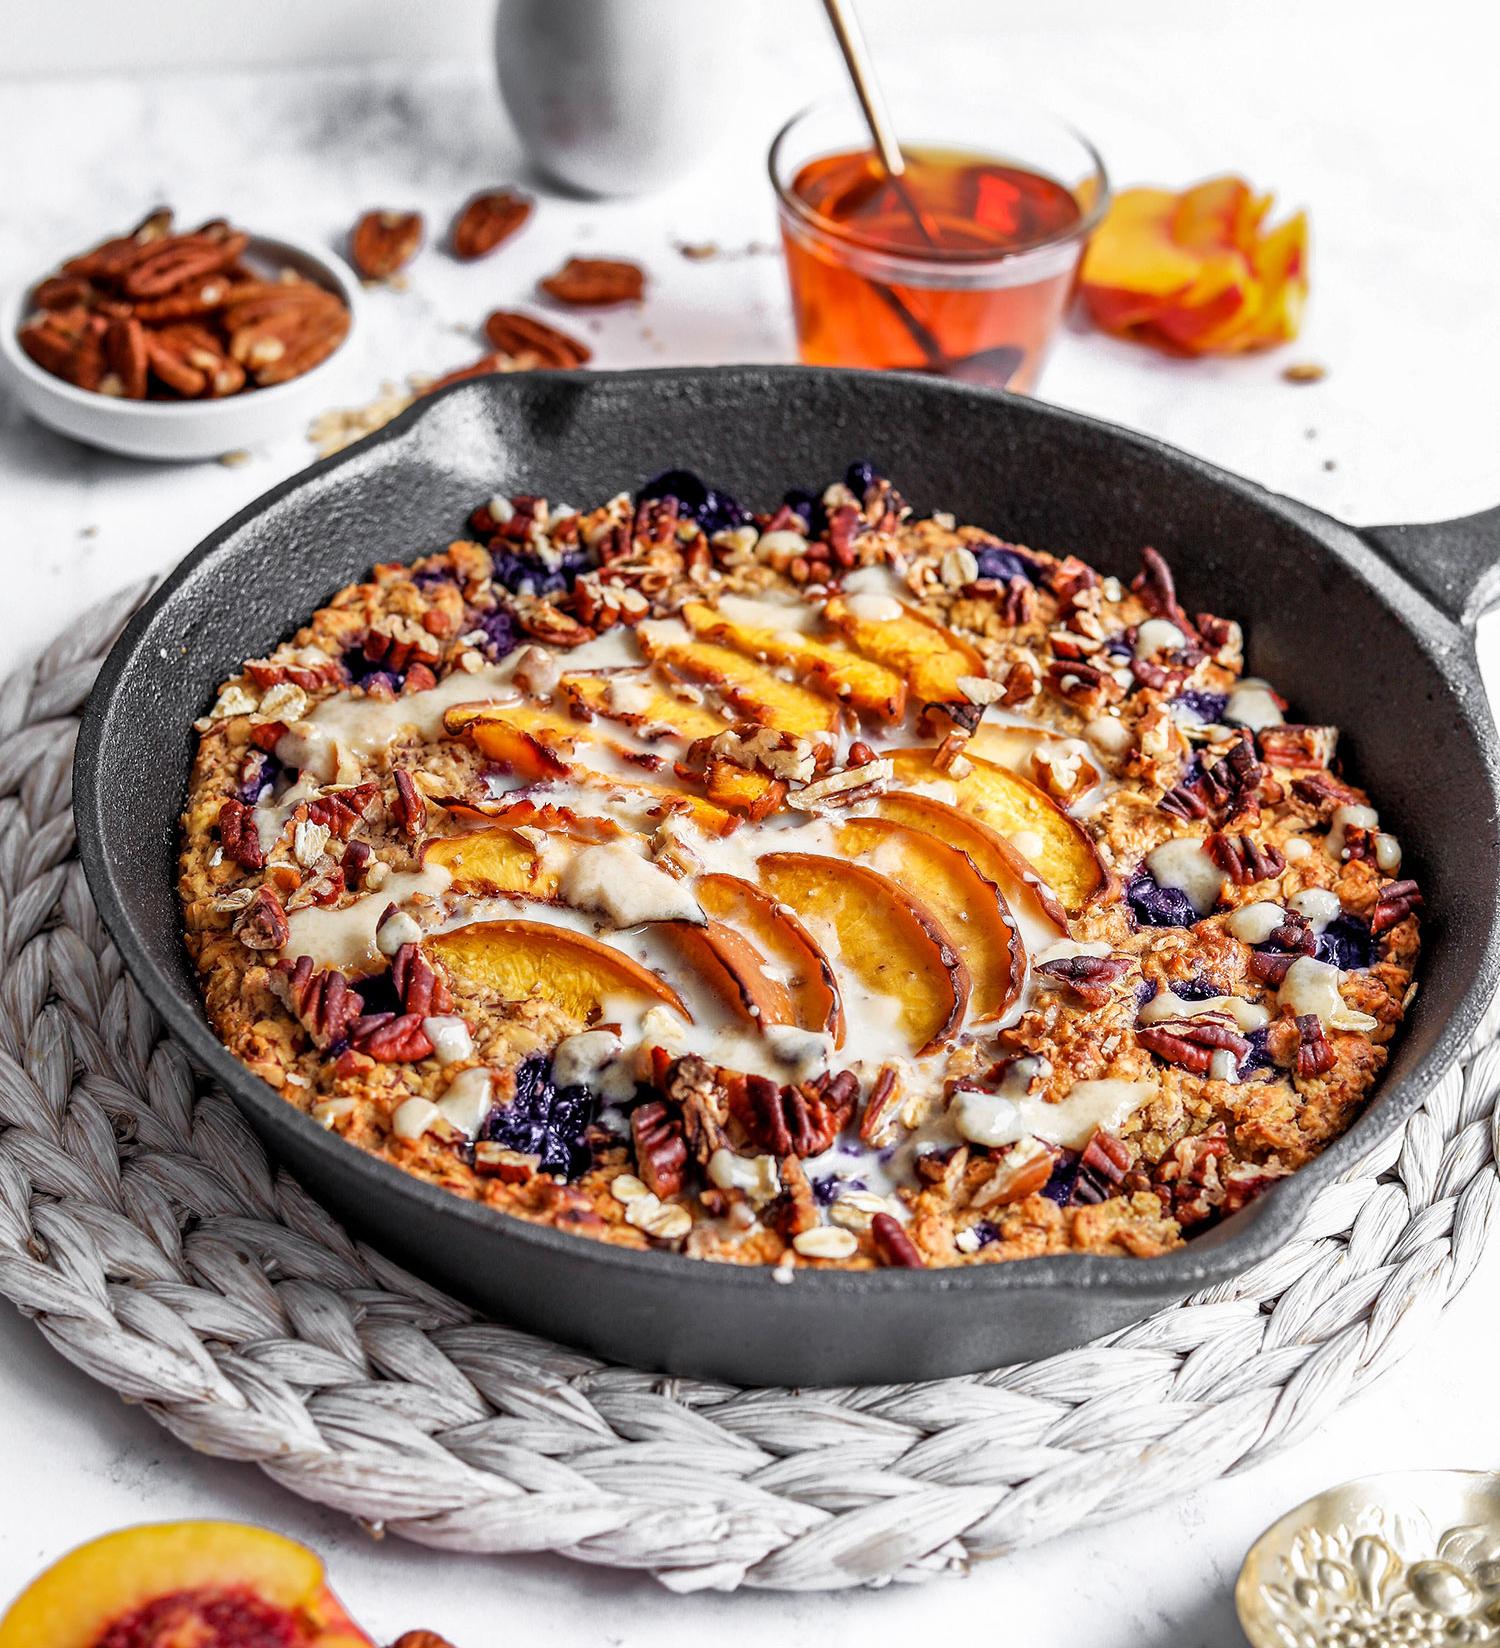 Blueberry Nectarine Baked Porridge